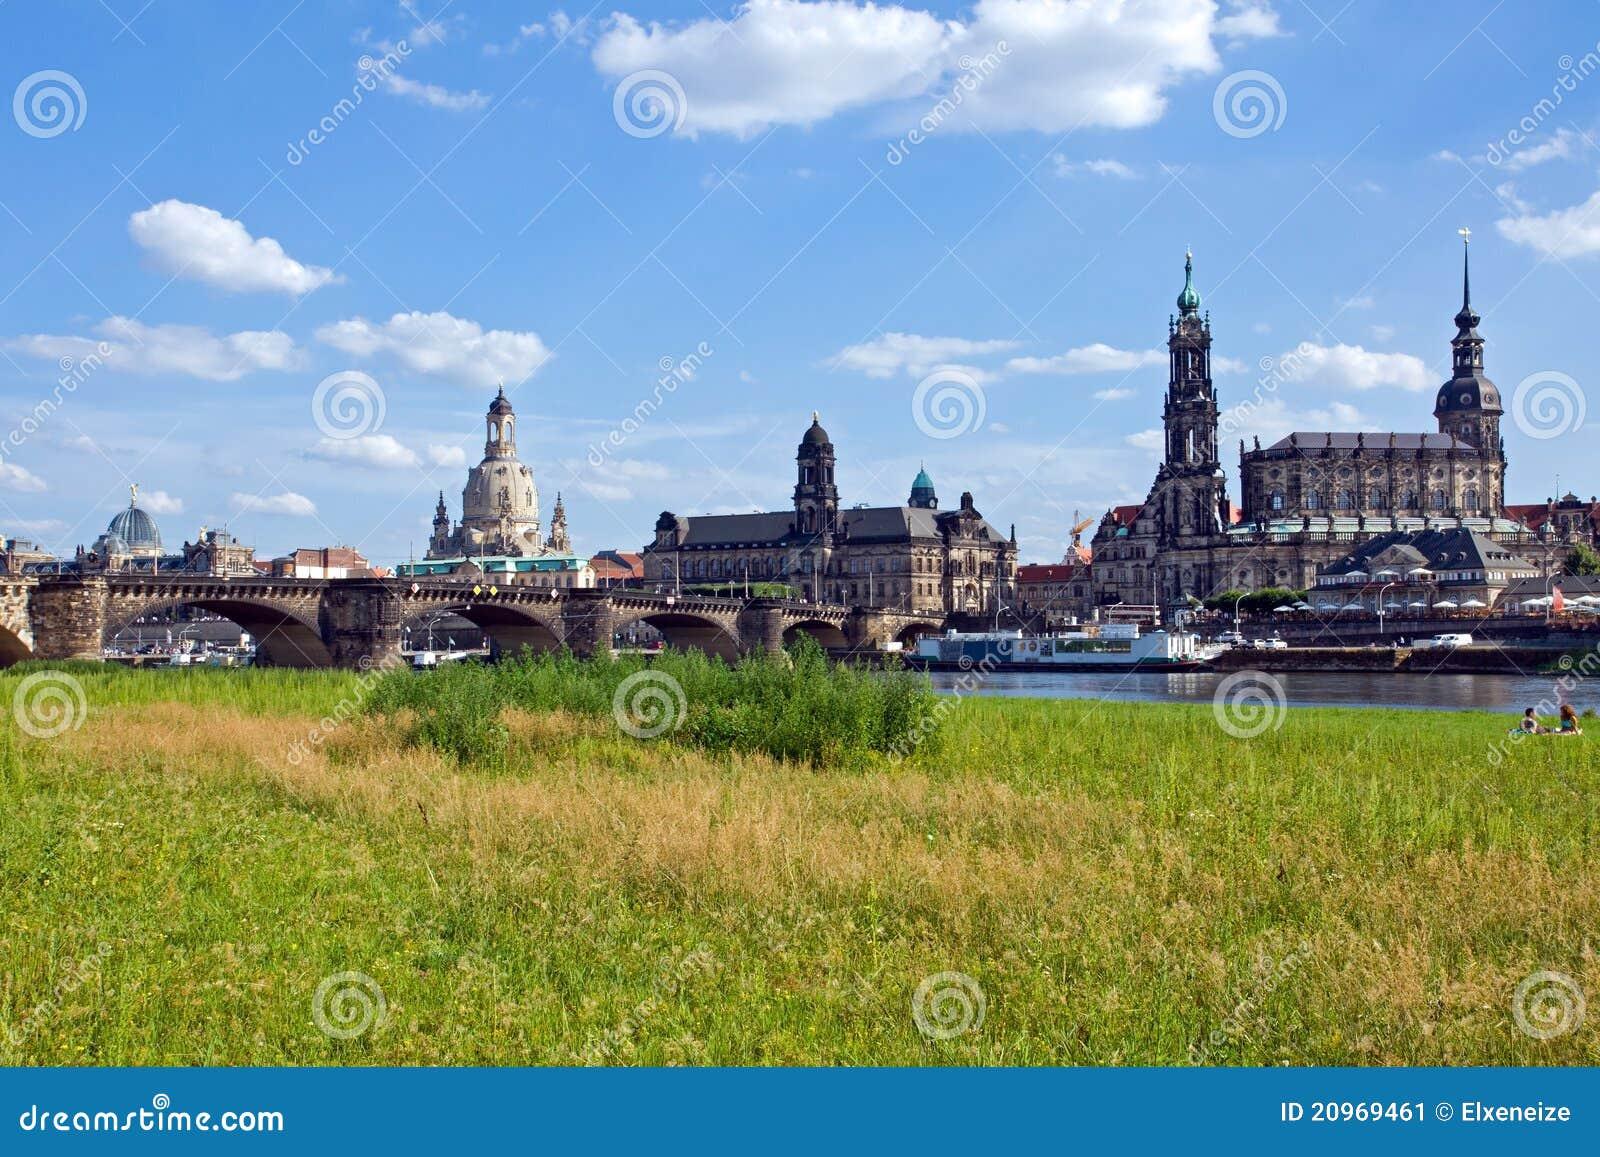 the skyline of dresden stock image image 20969461. Black Bedroom Furniture Sets. Home Design Ideas